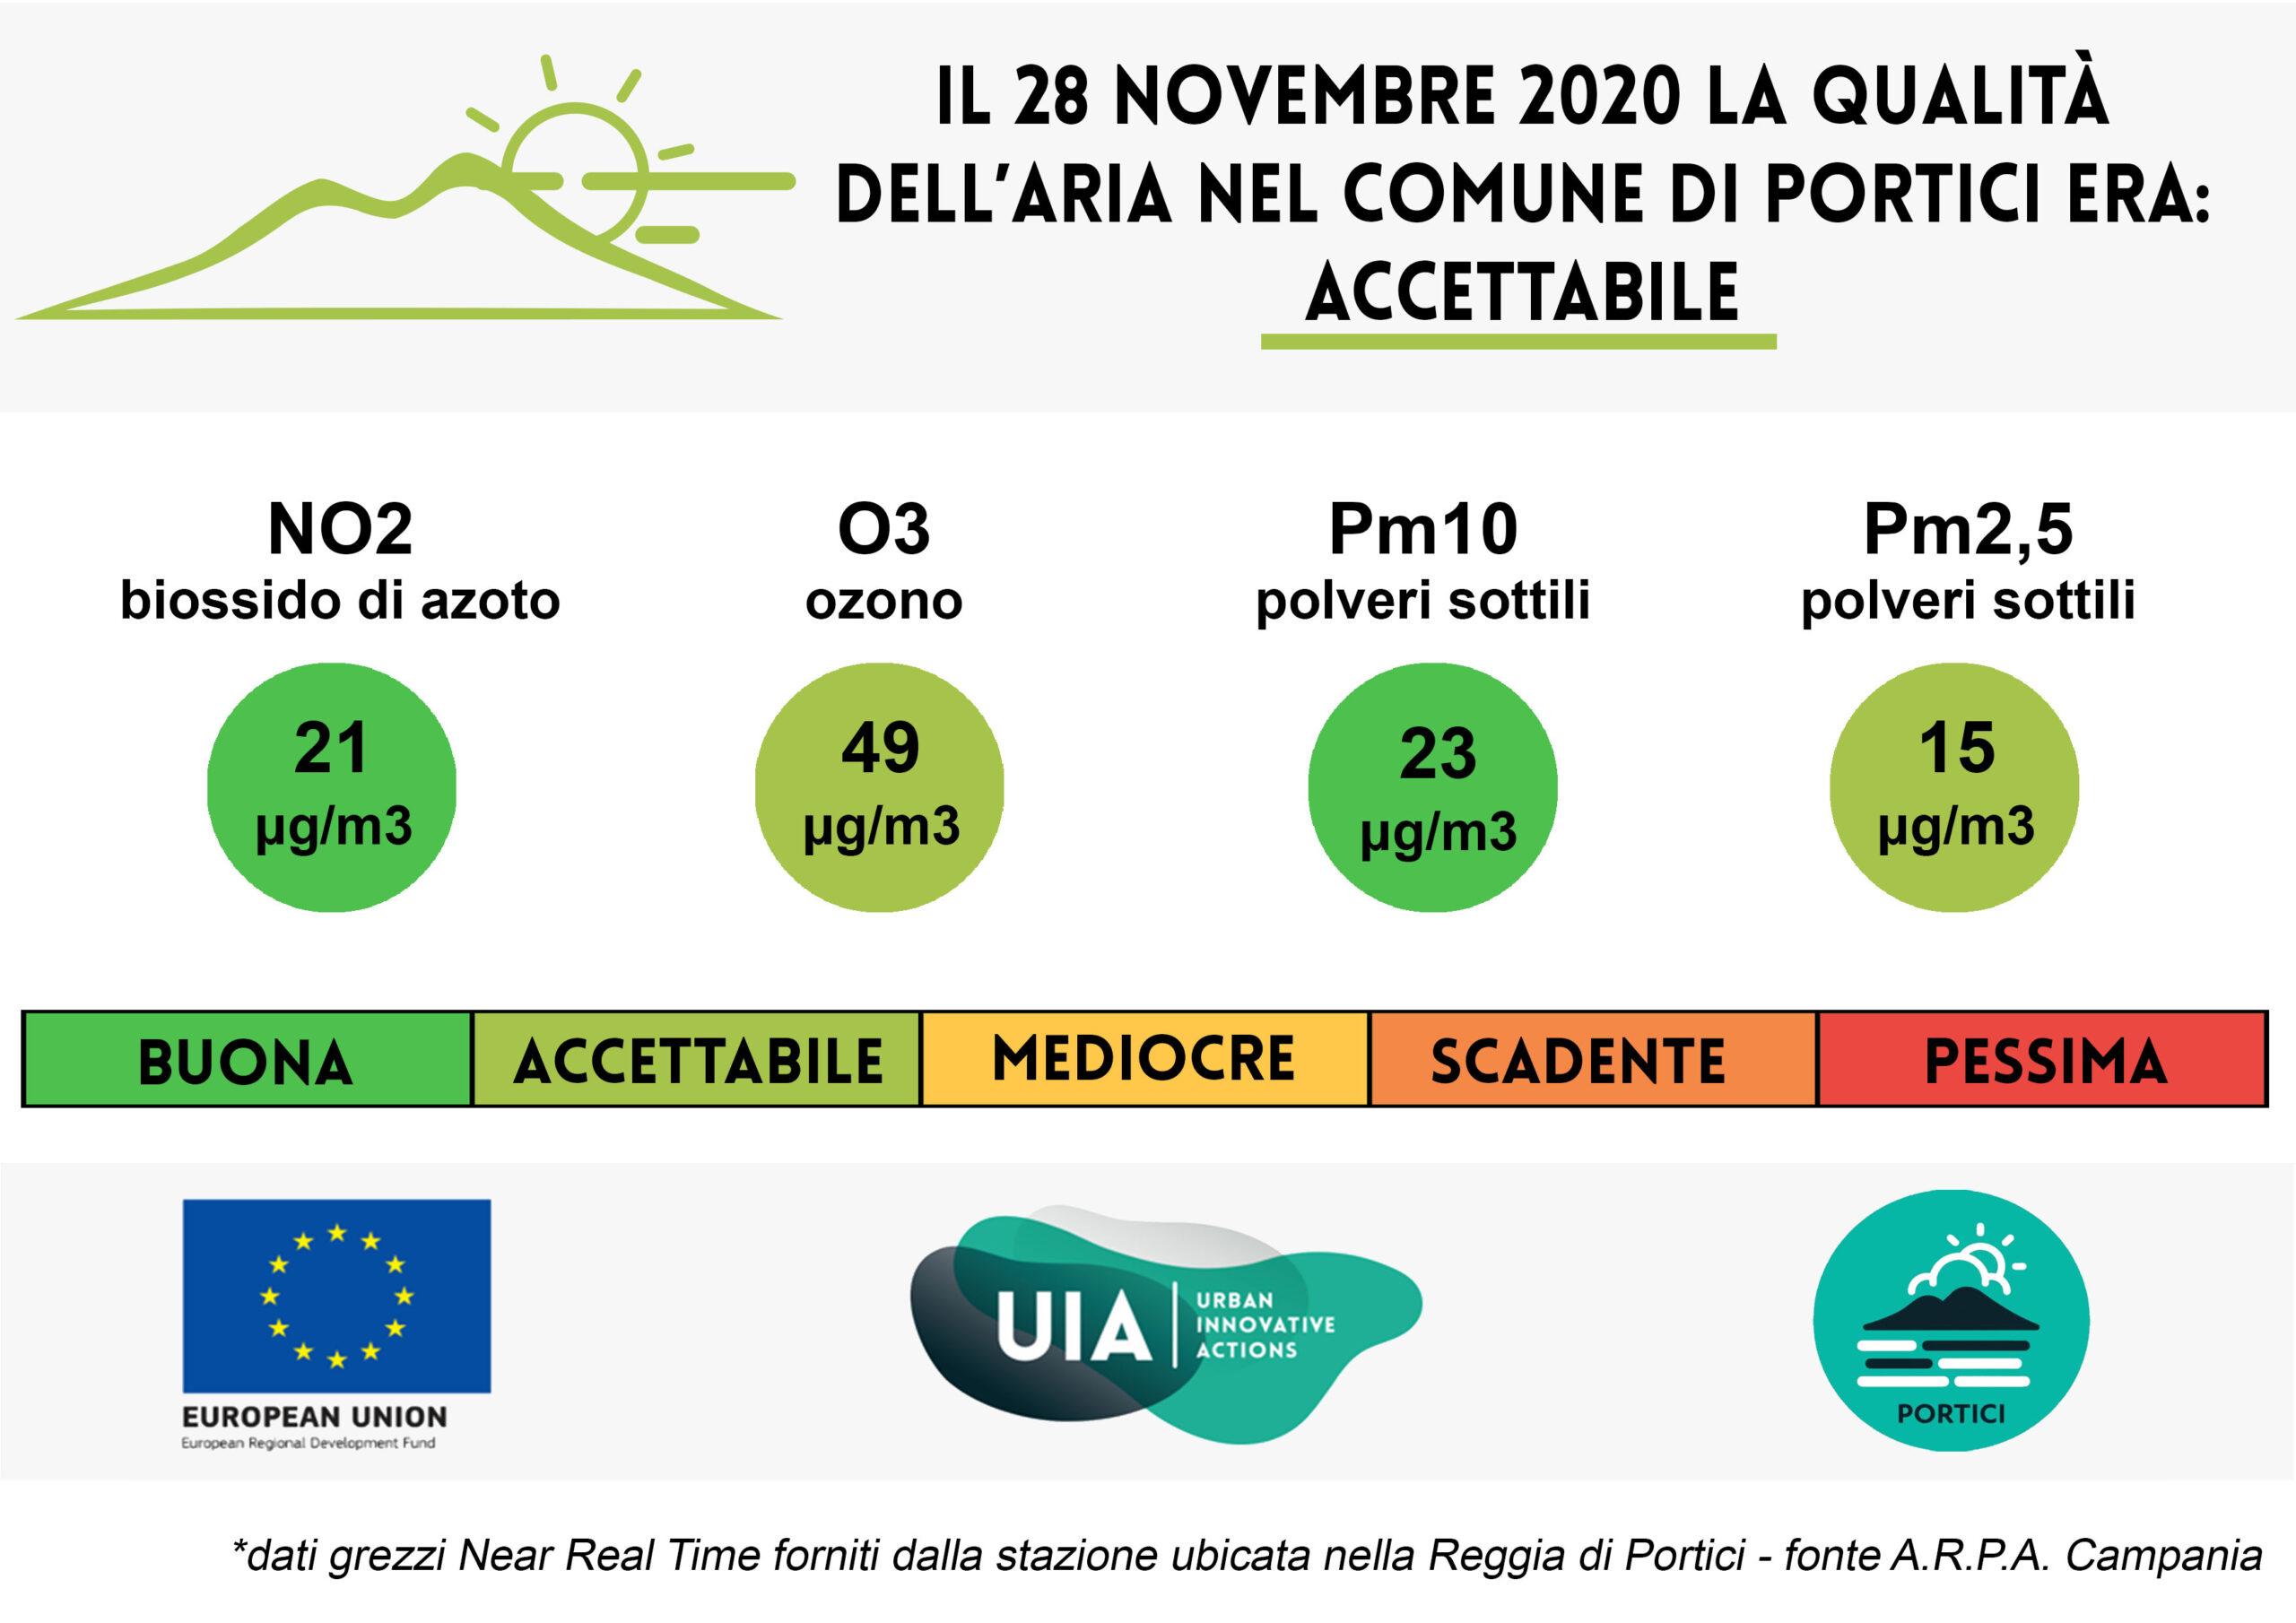 Bollettino del 28 novembre 2020